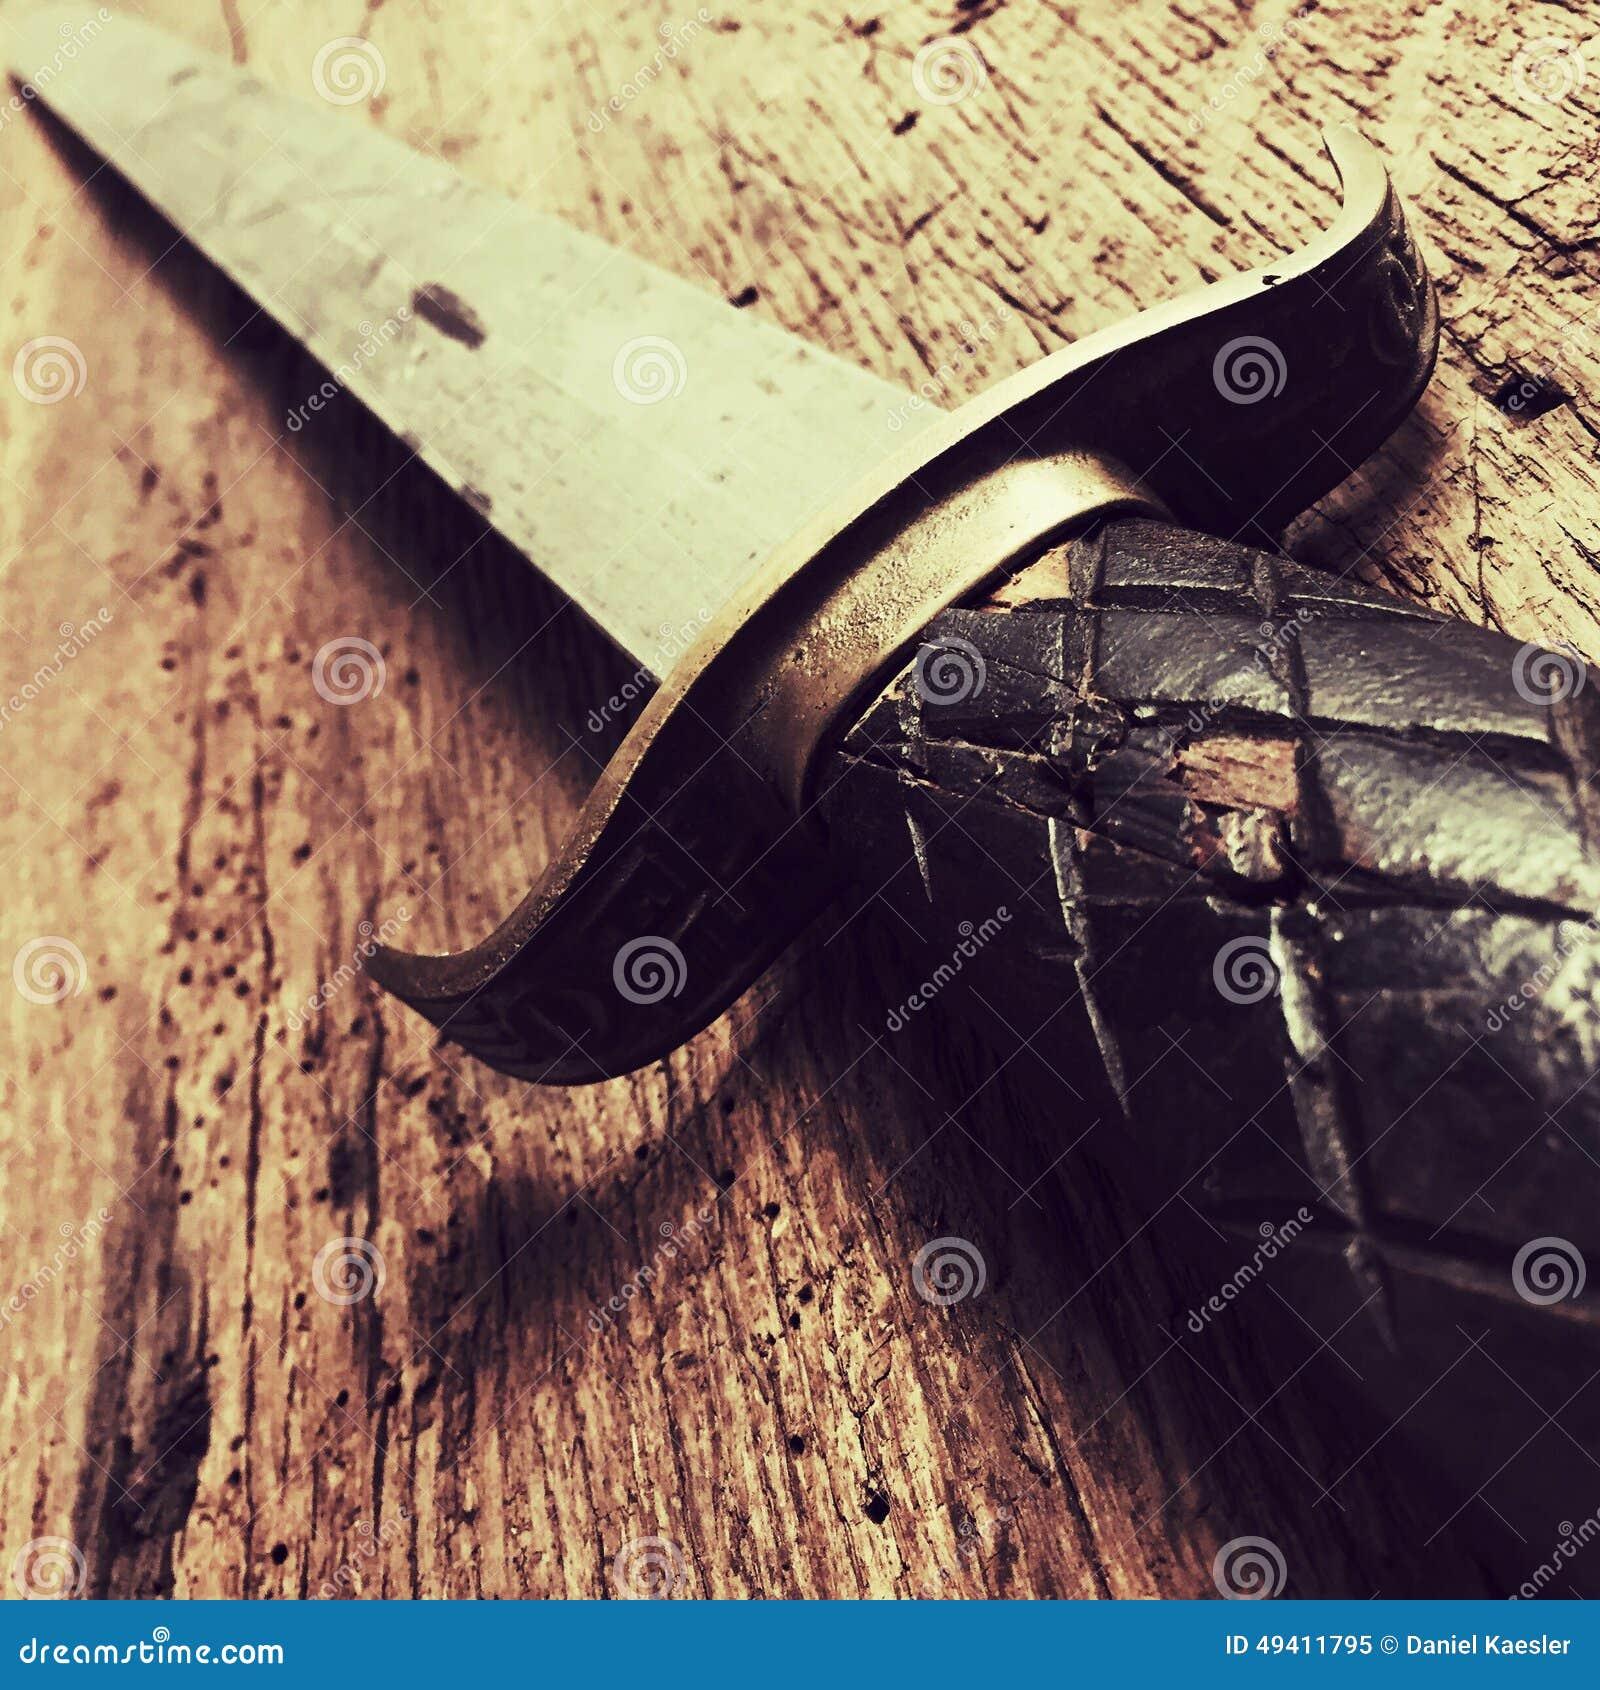 Download Antike Klinge stockbild. Bild von alter, mittlere, medievally - 49411795